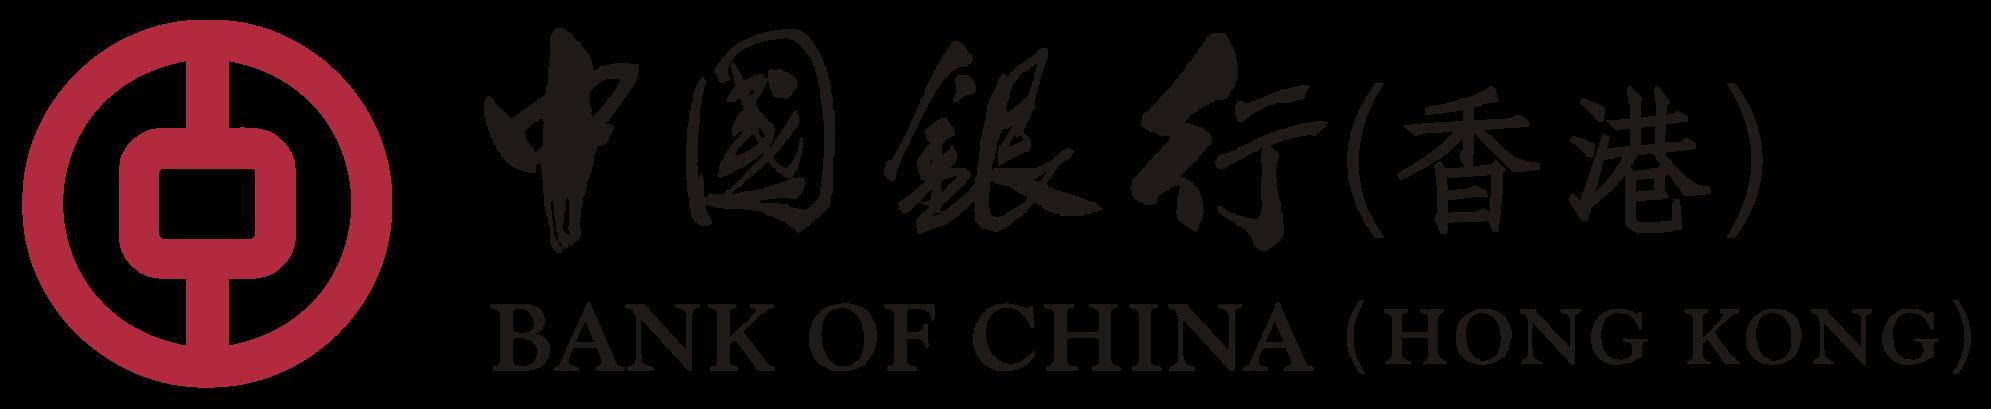 Bank of China (Hong Kong) Logo